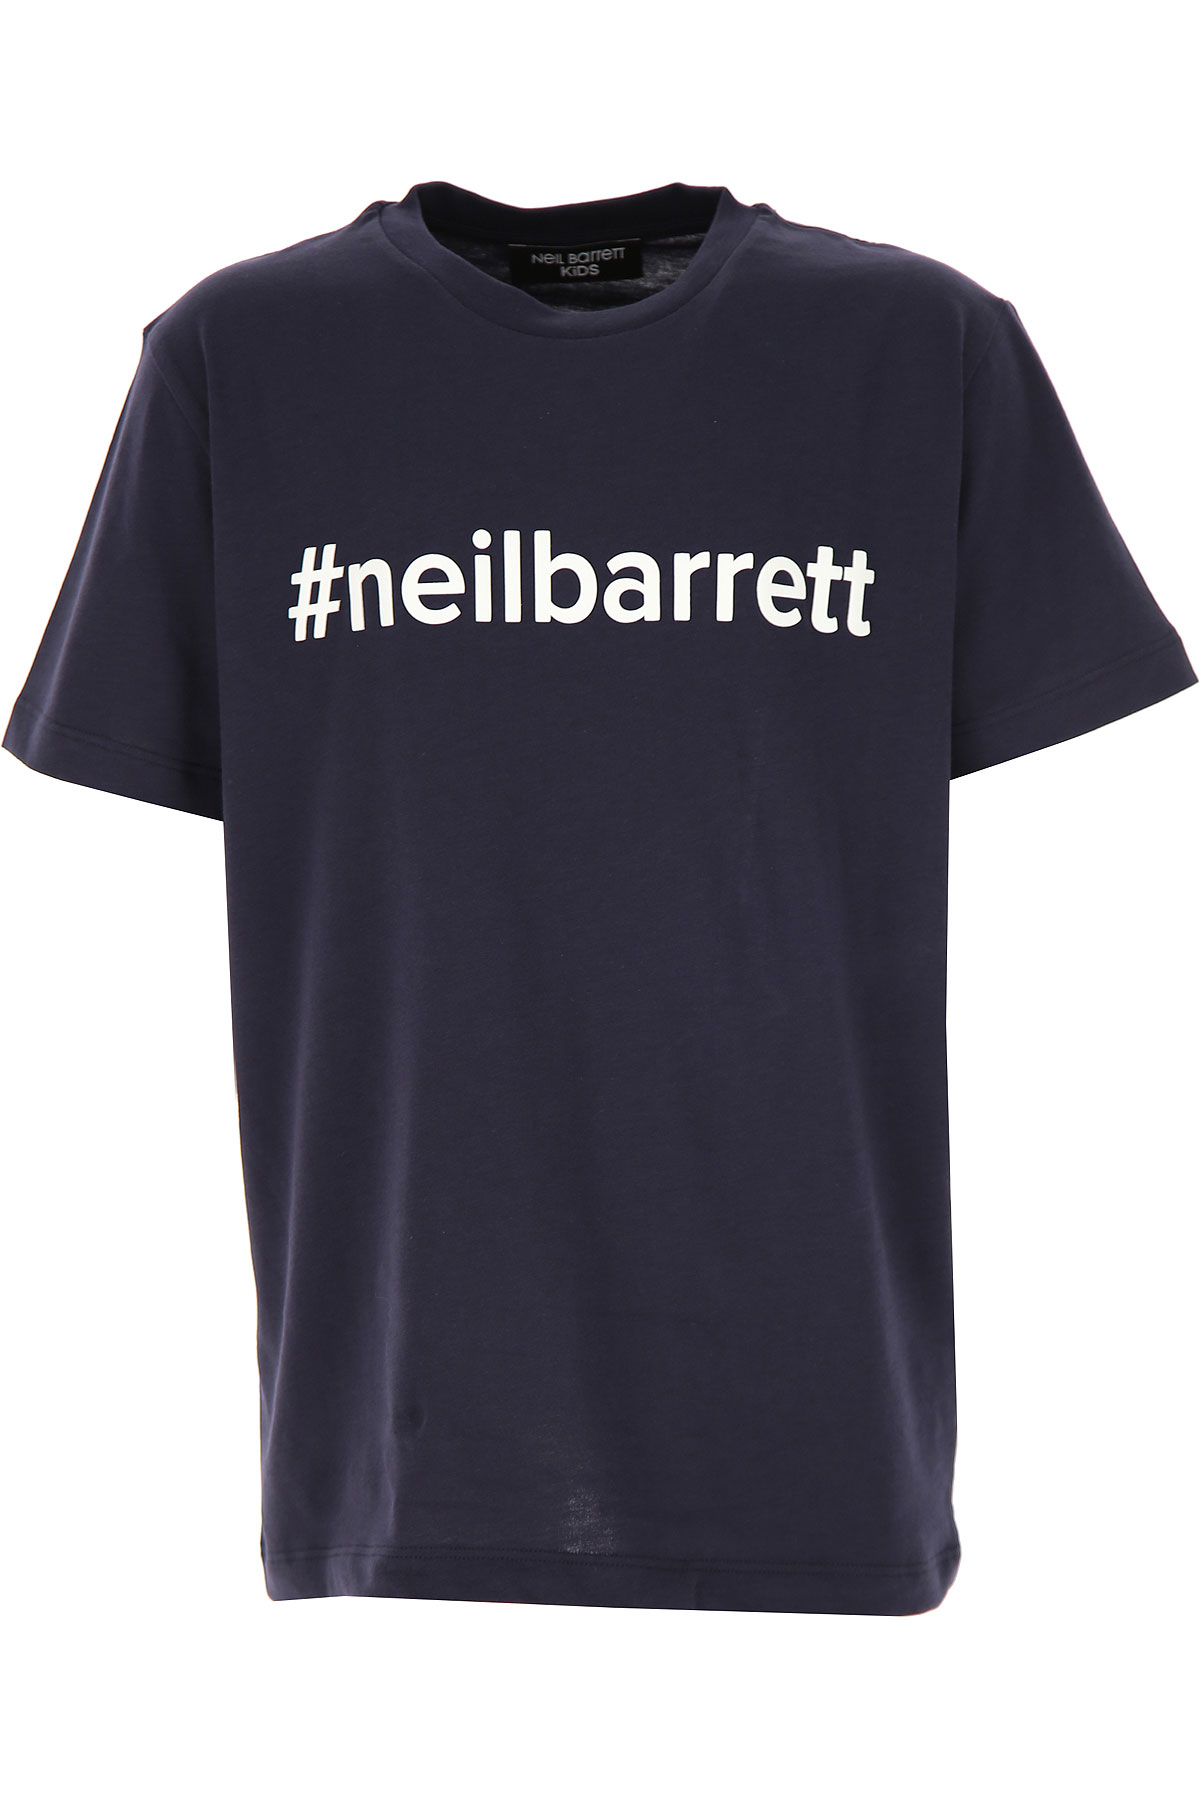 Neil Barrett Kids T-Shirt for Boys On Sale, Blue, Cotton, 2019, 10Y 12Y 14Y 8Y